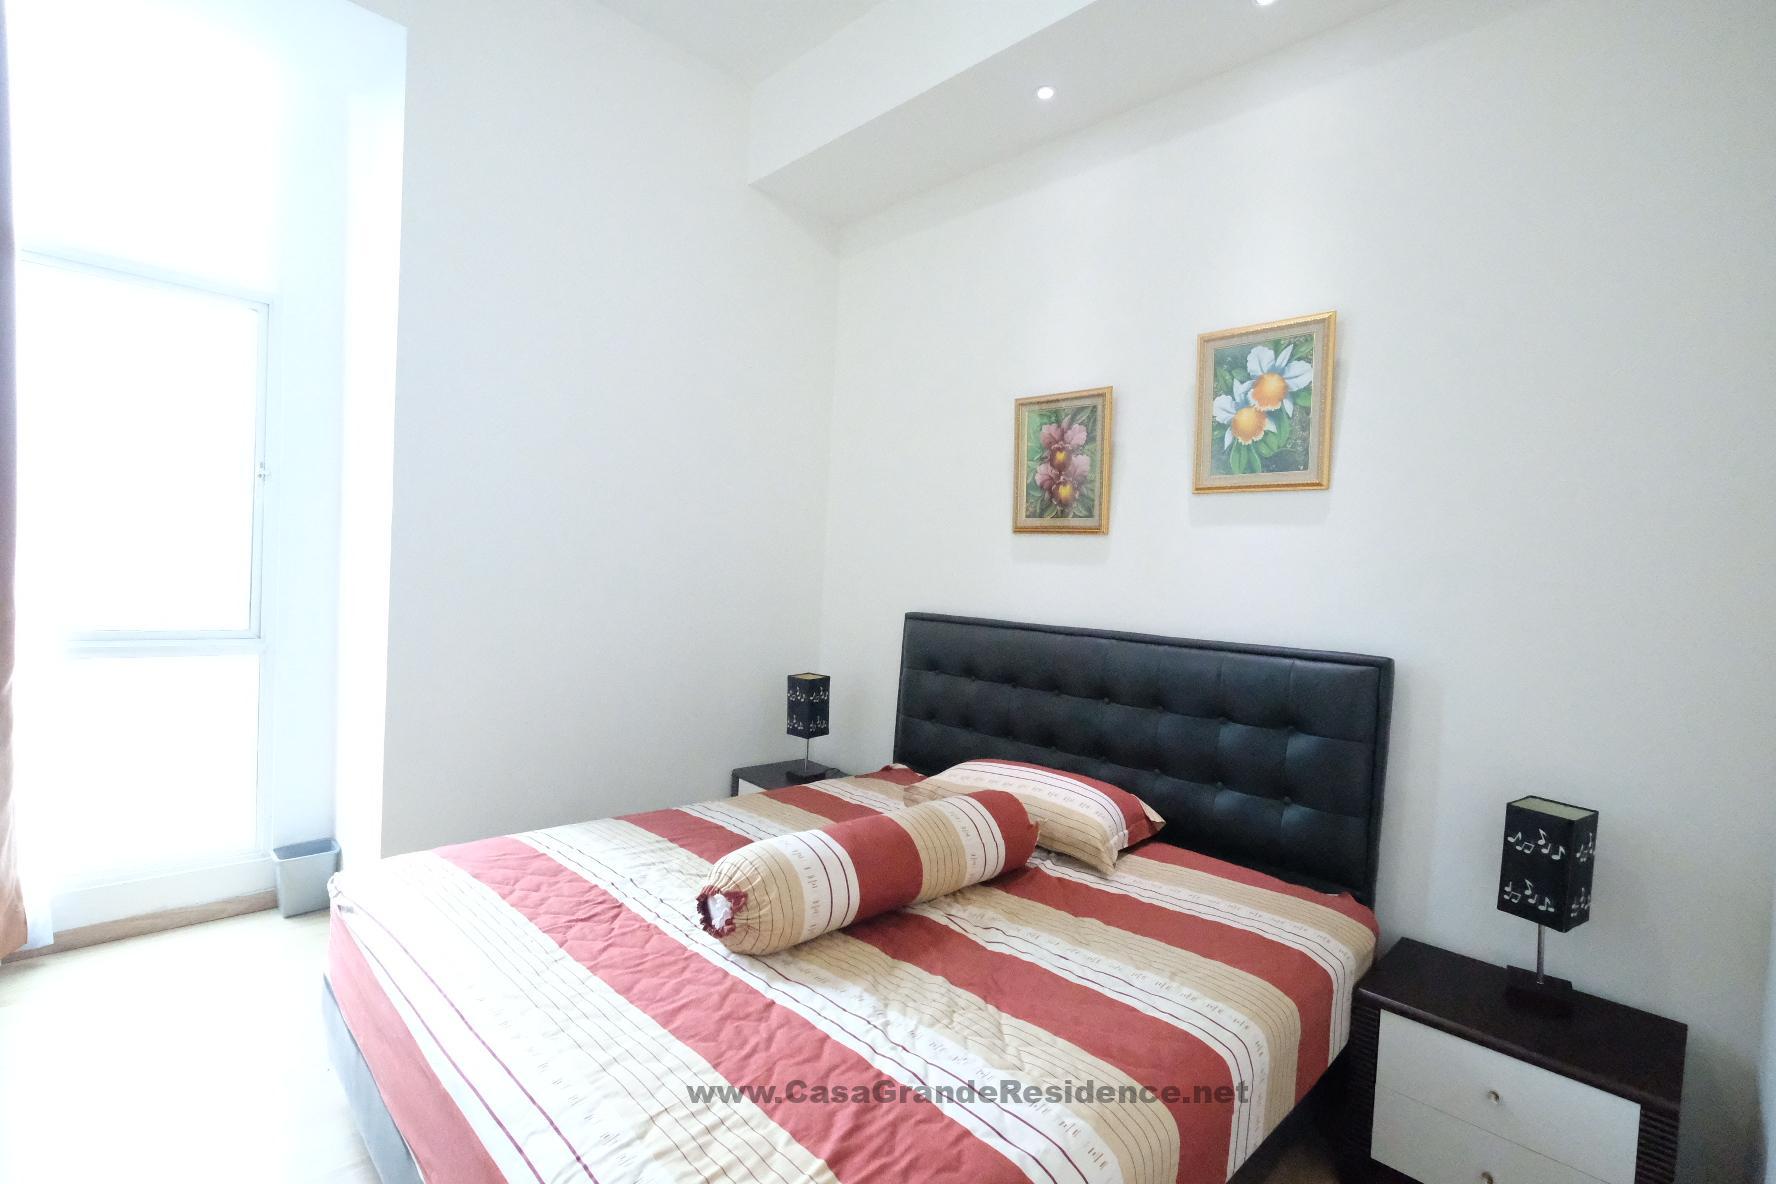 1139-id-casa-grande-residence-bedroom